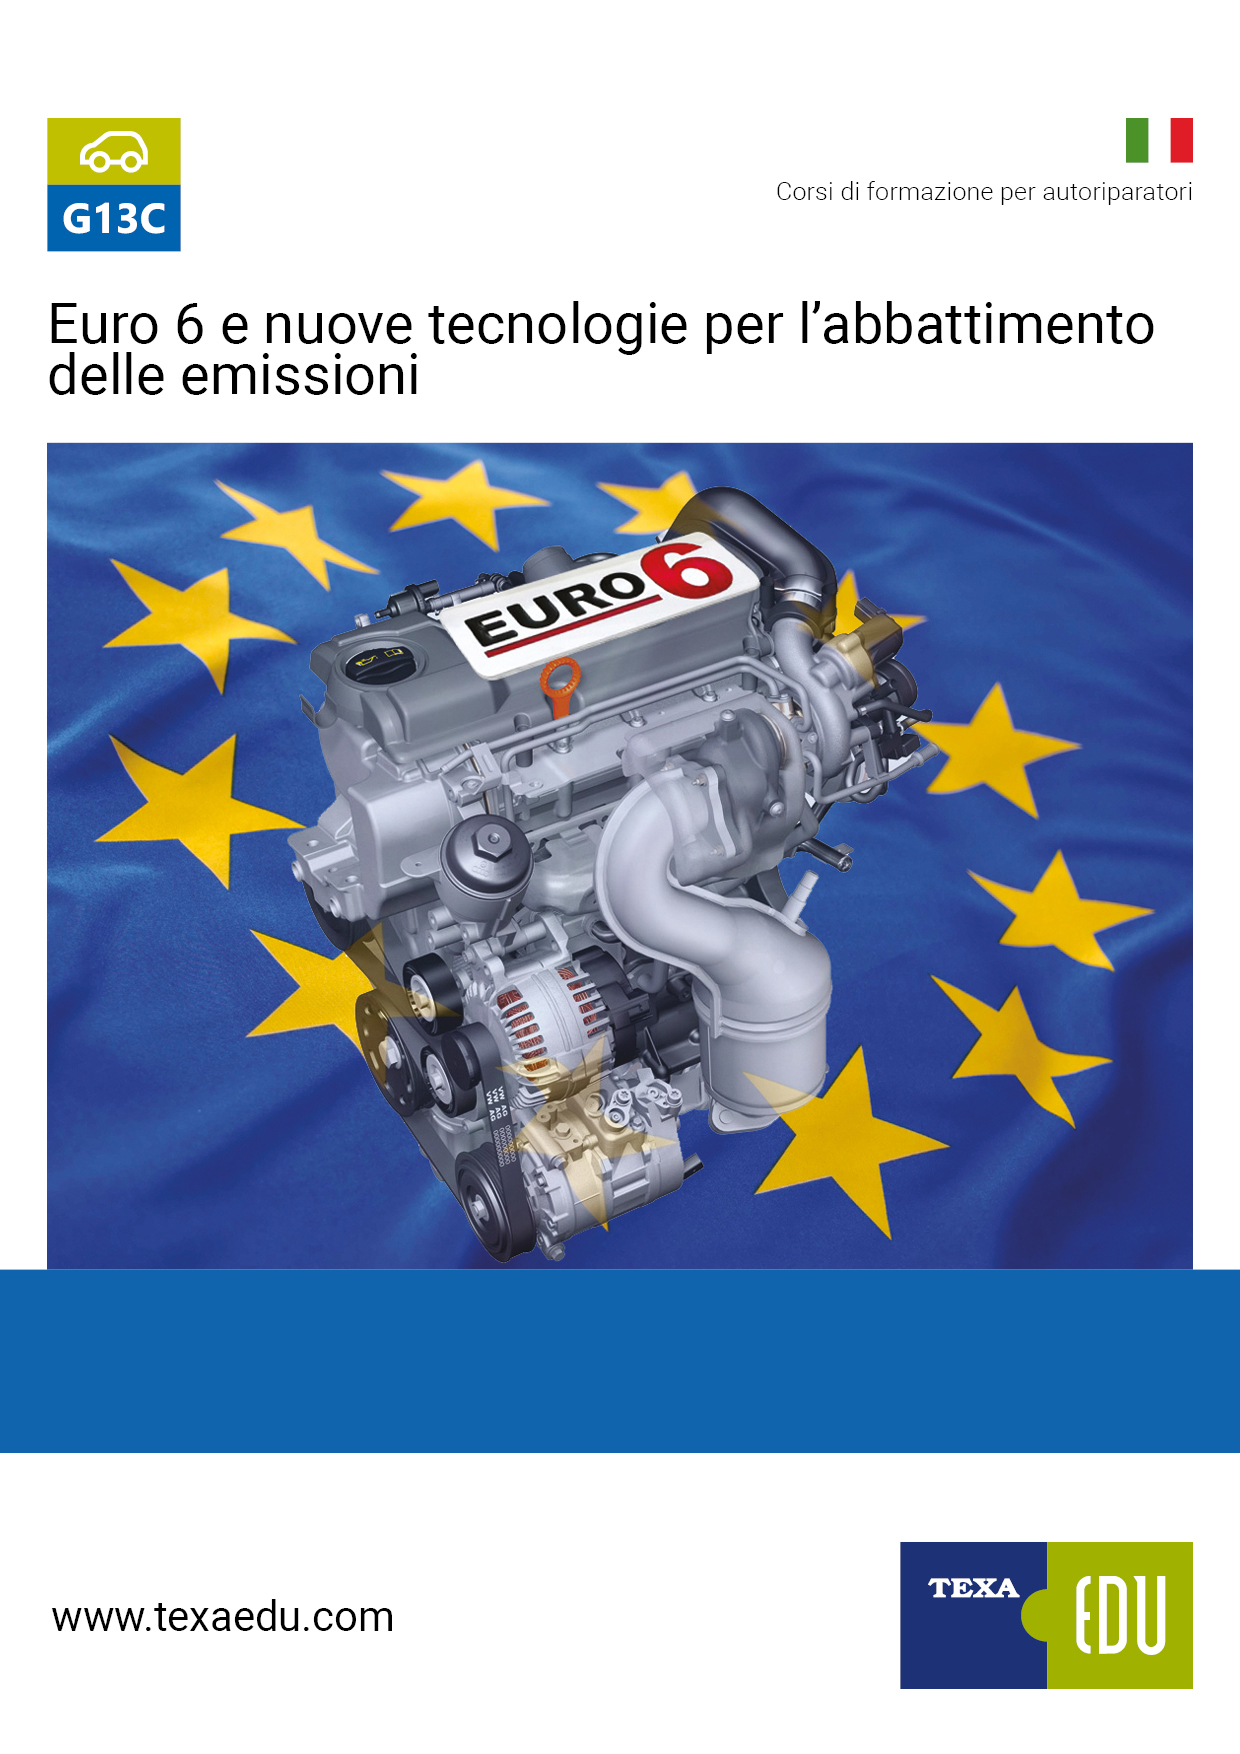 G13C: EURO 6 E NUOVE TECNOLOGIE PER L'ABBATTIMENTO DELLE EMISSIONI